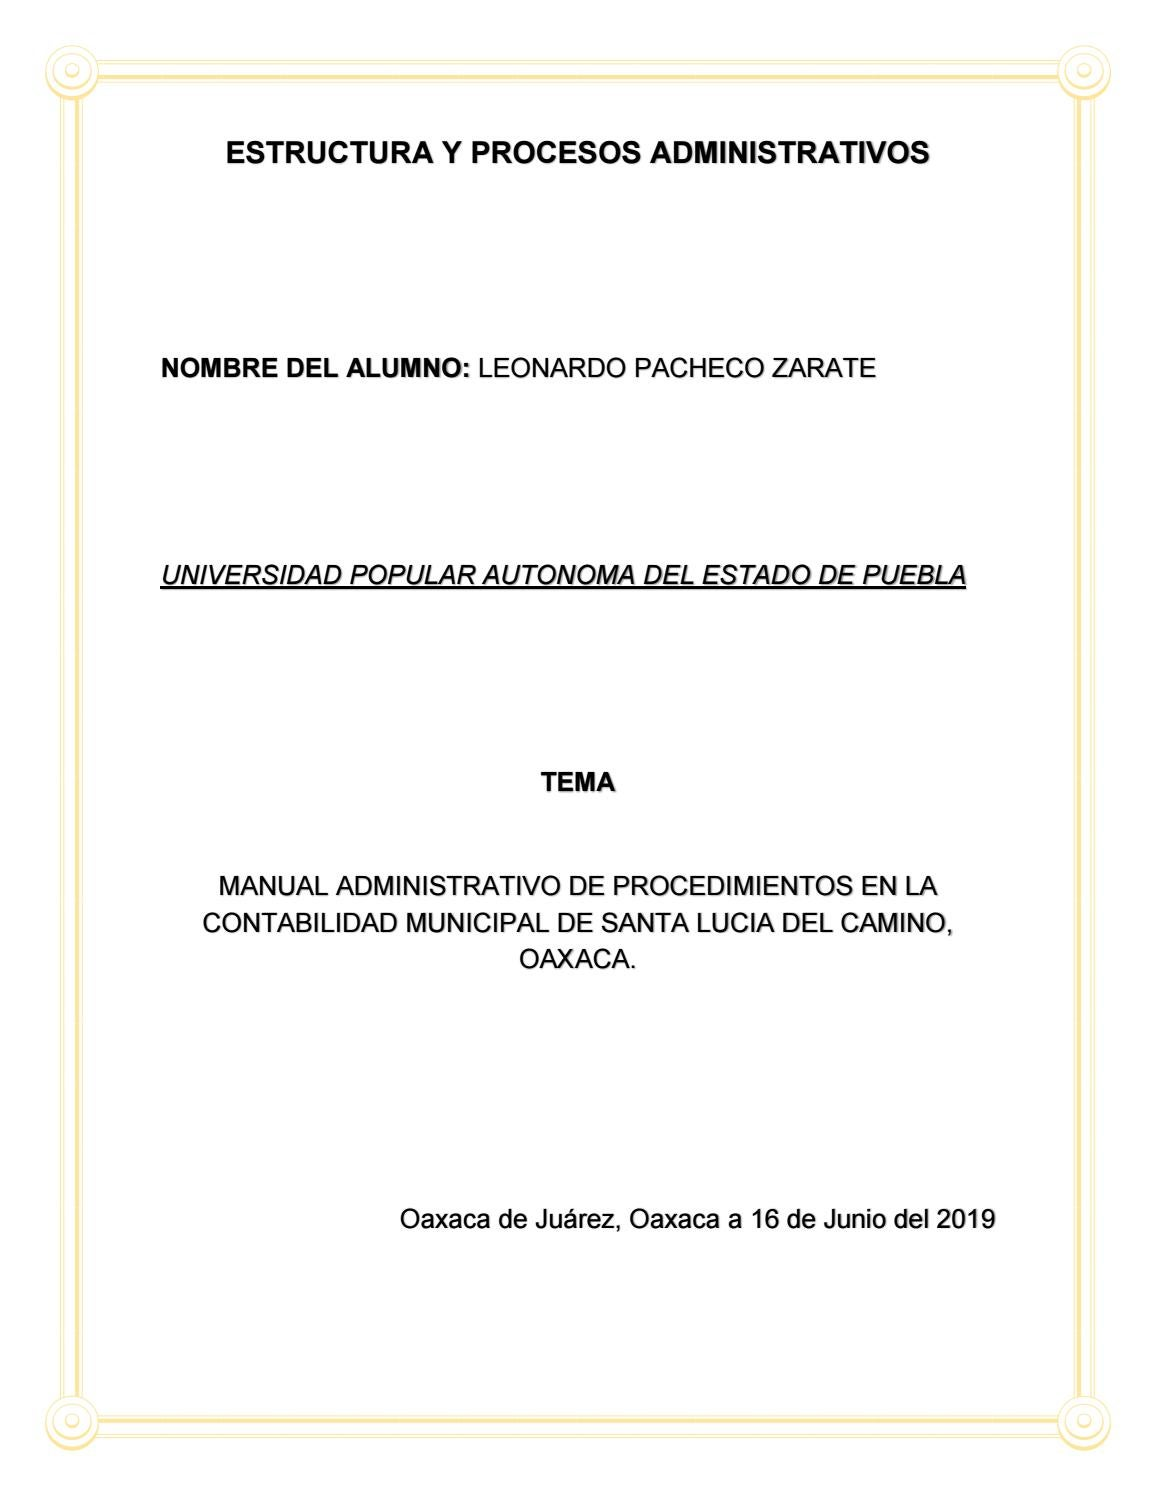 Trabajo Final Del Manual De Procedimientos By Leonardo